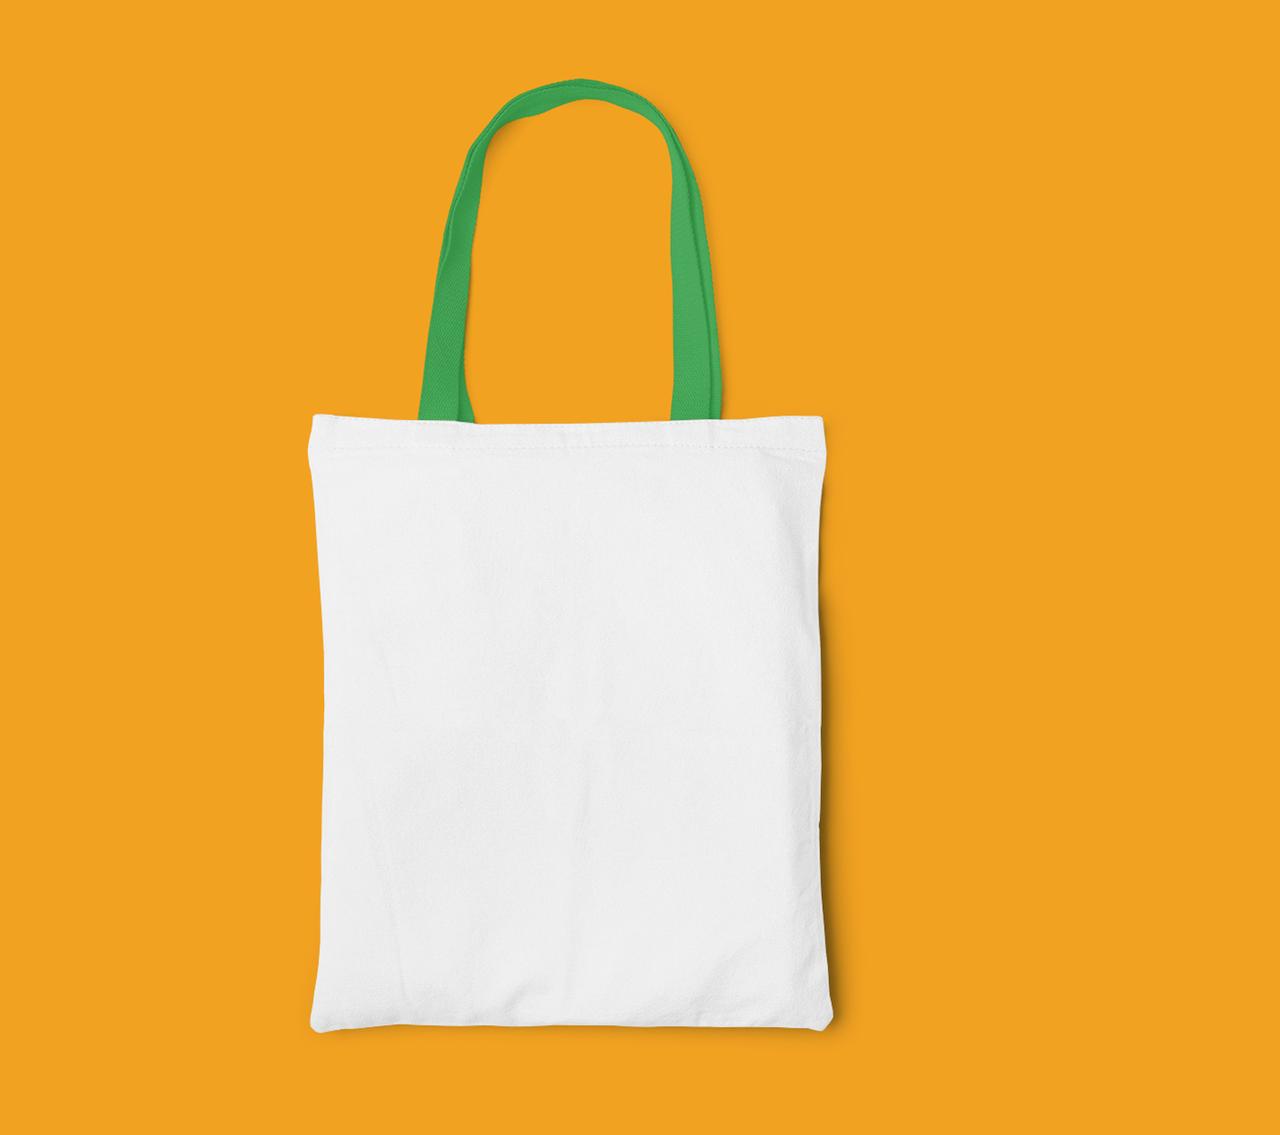 Пляжна сумка/Промо сумка (габардин) для сублімації з зеленою ручкою